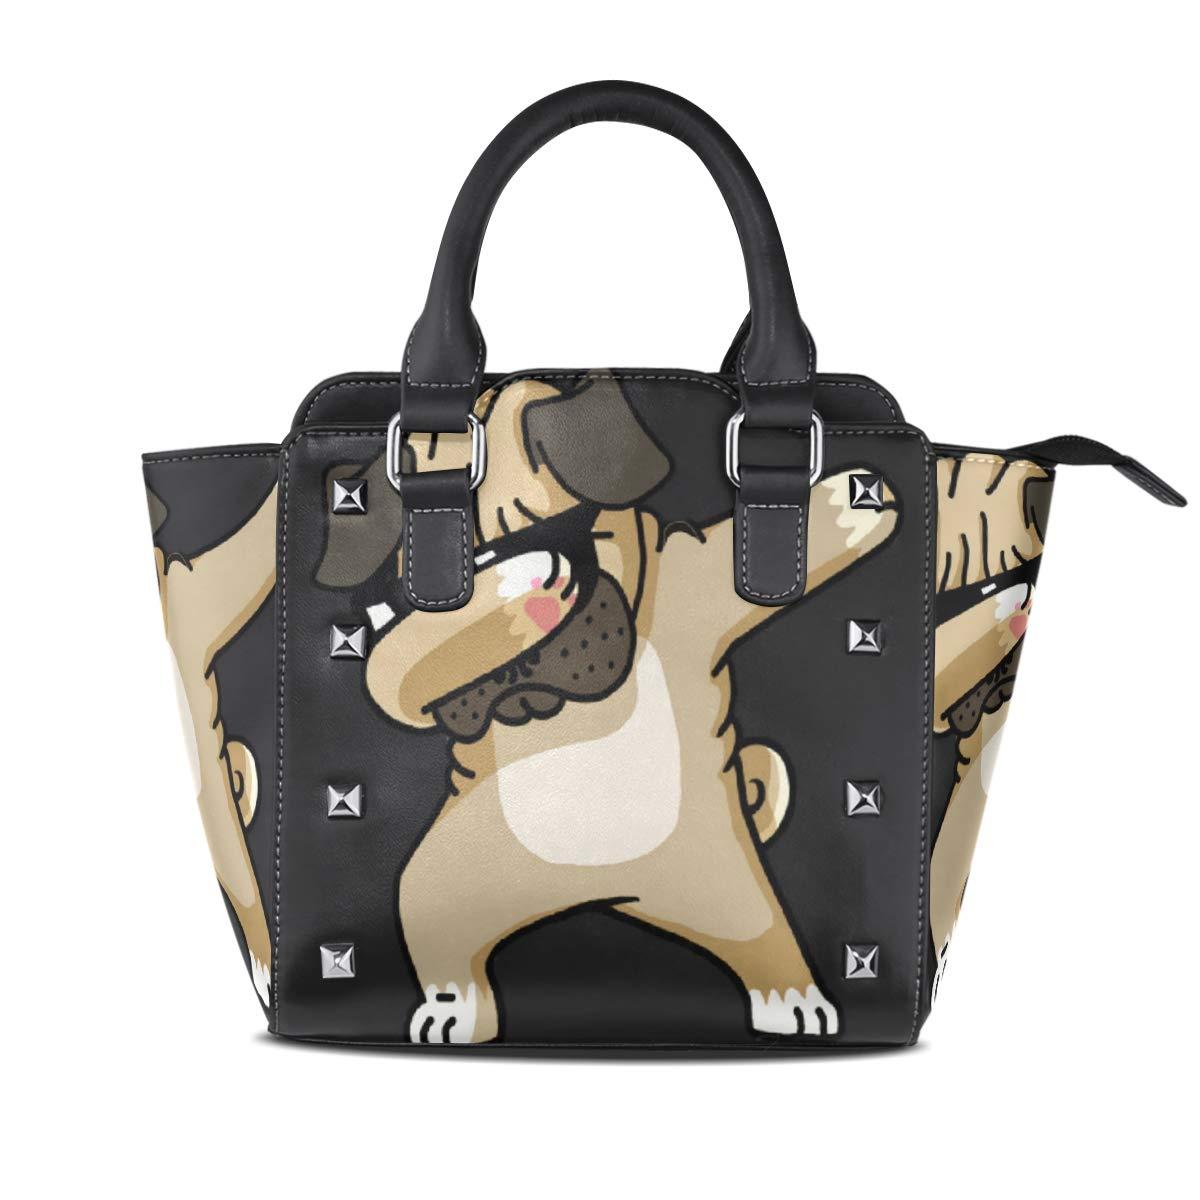 Design3 Handbag Eagle Genuine Leather Tote Rivet Bag Shoulder Strap Top Handle Women